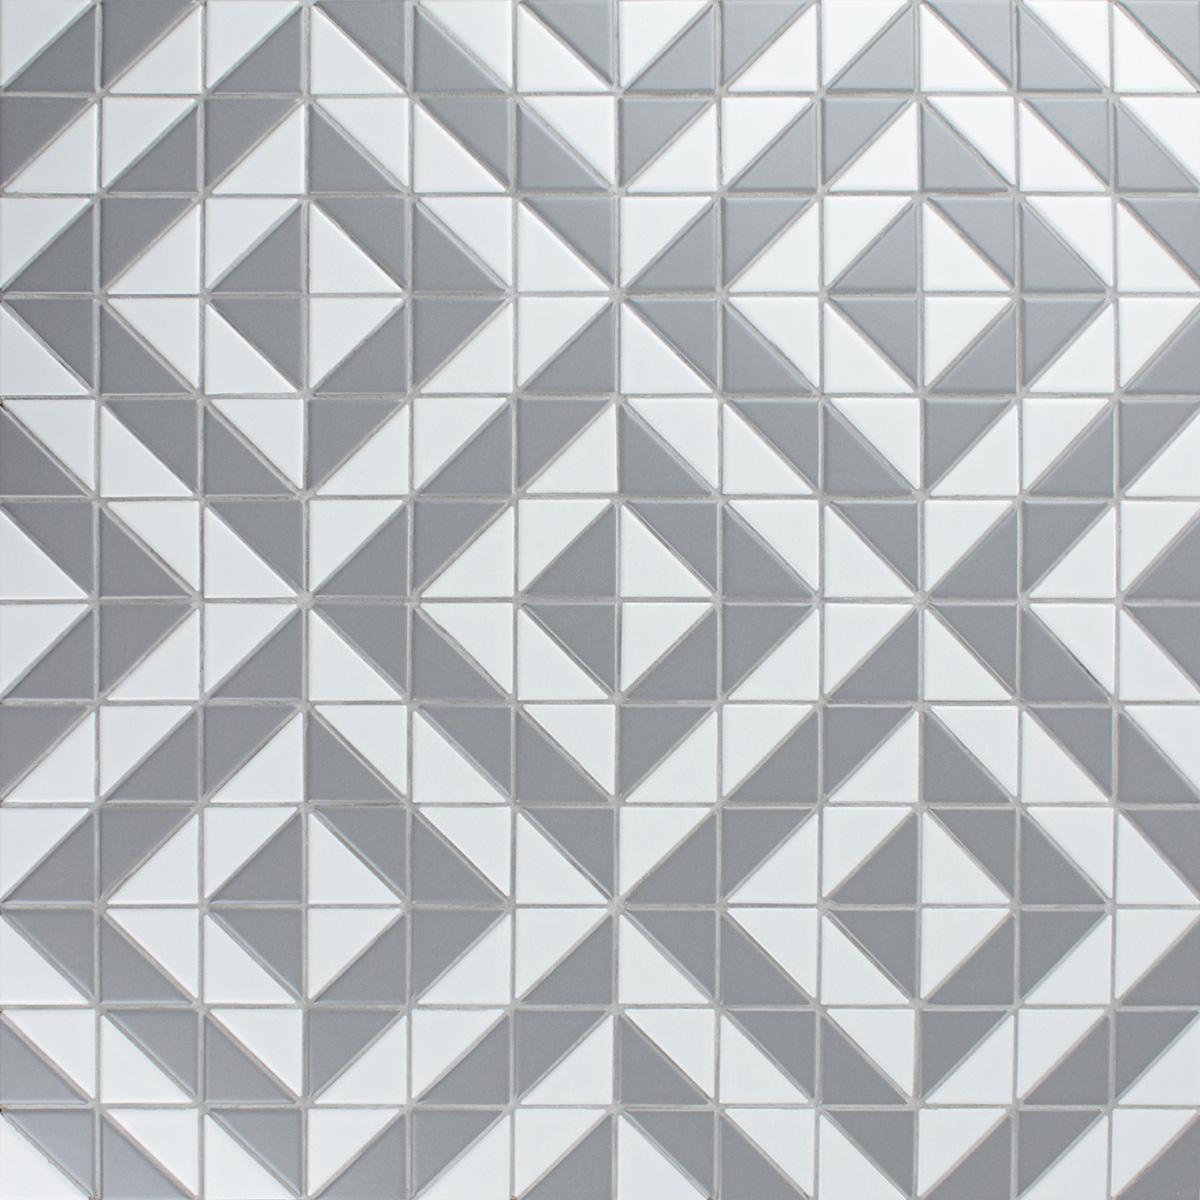 artistic 2 matte white grey triangle